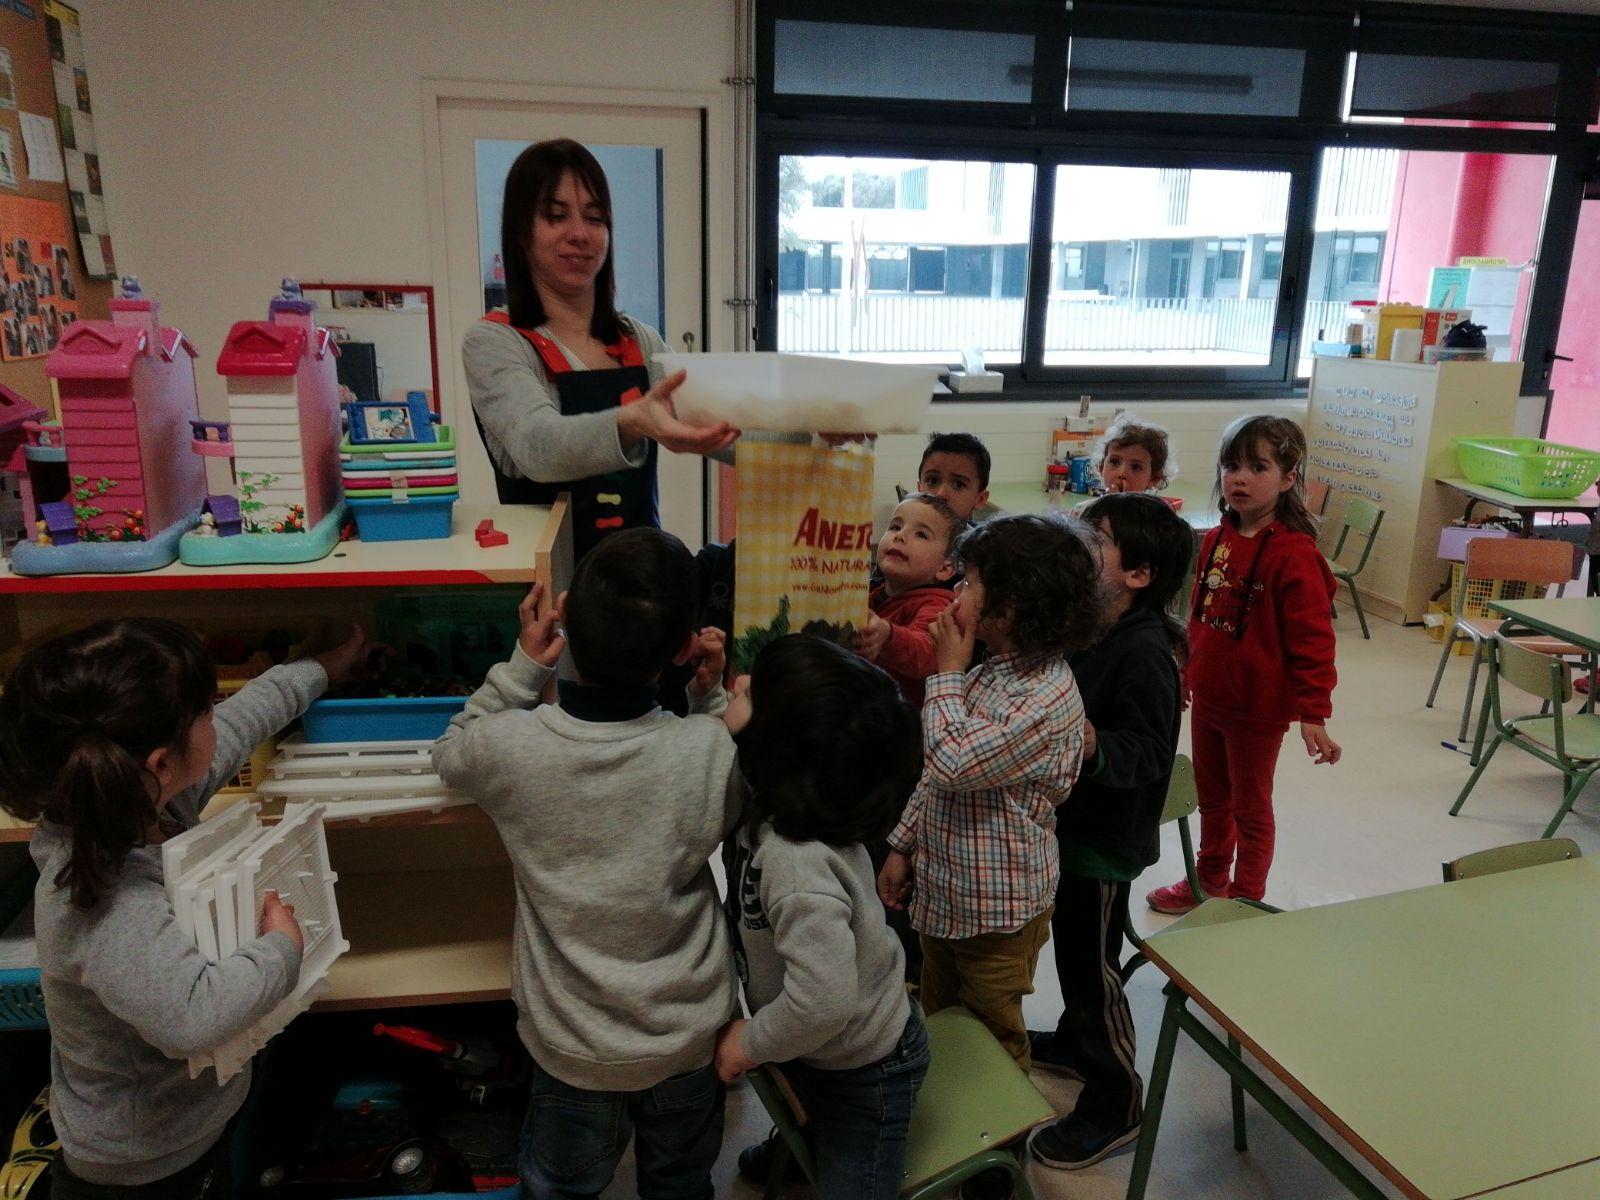 MACOR fruita Escola Nova Maçanet de la Selva